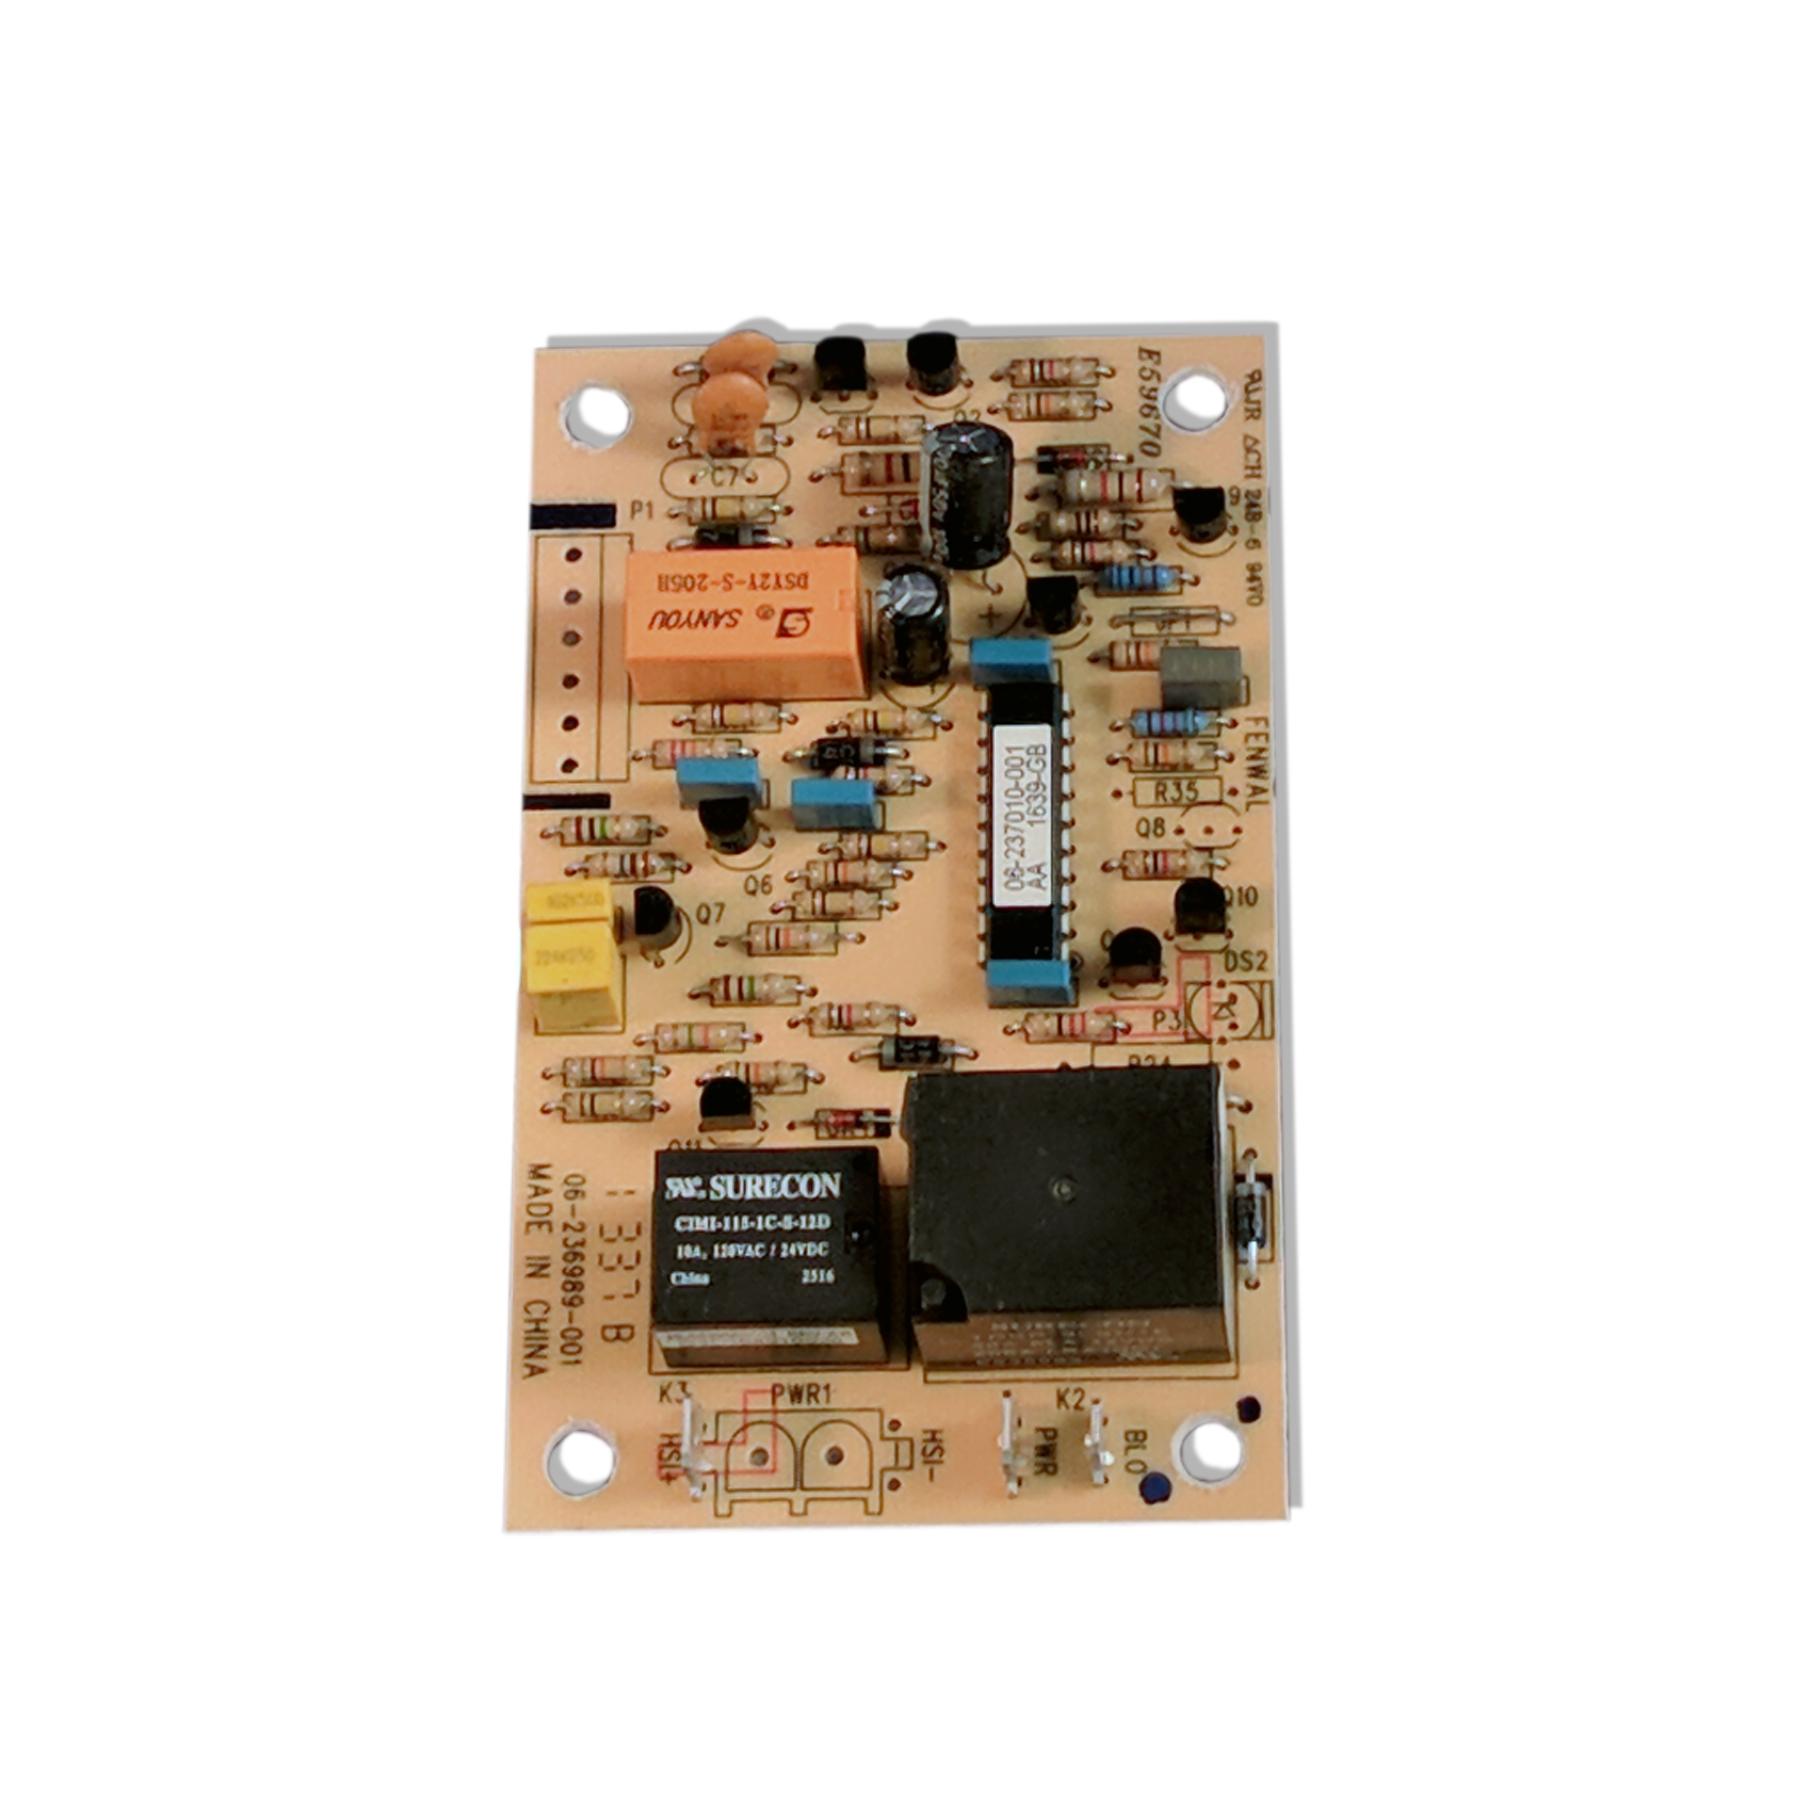 Burner Controller Card